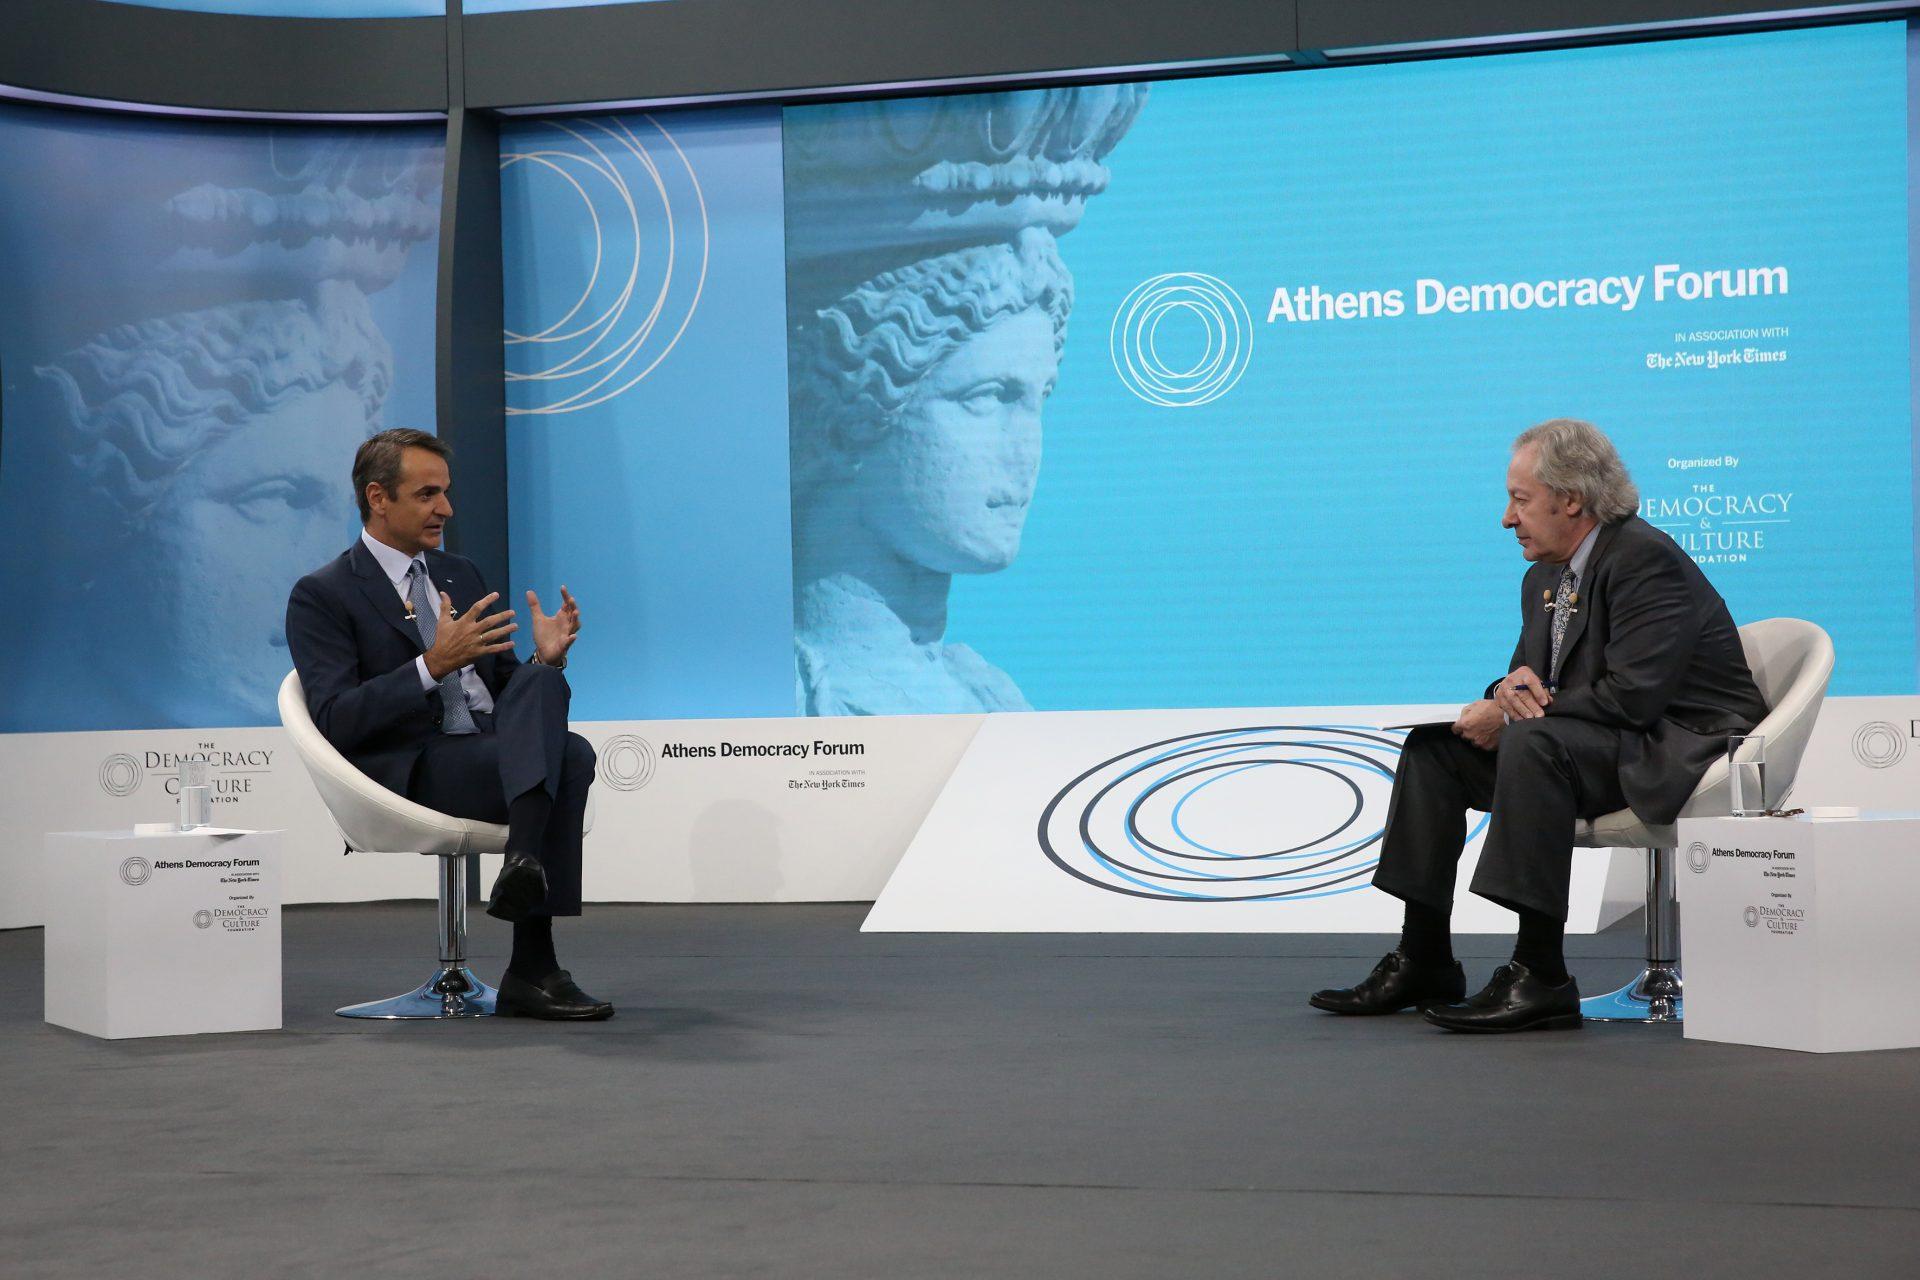 Μητσοτάκης στο Athens Democracy Forum: Υποχρέωση μου να υπερασπιστώ την πατρίδα-Δε θα μπούμε σε κούρσα εξοπλισμών με Τουρκία